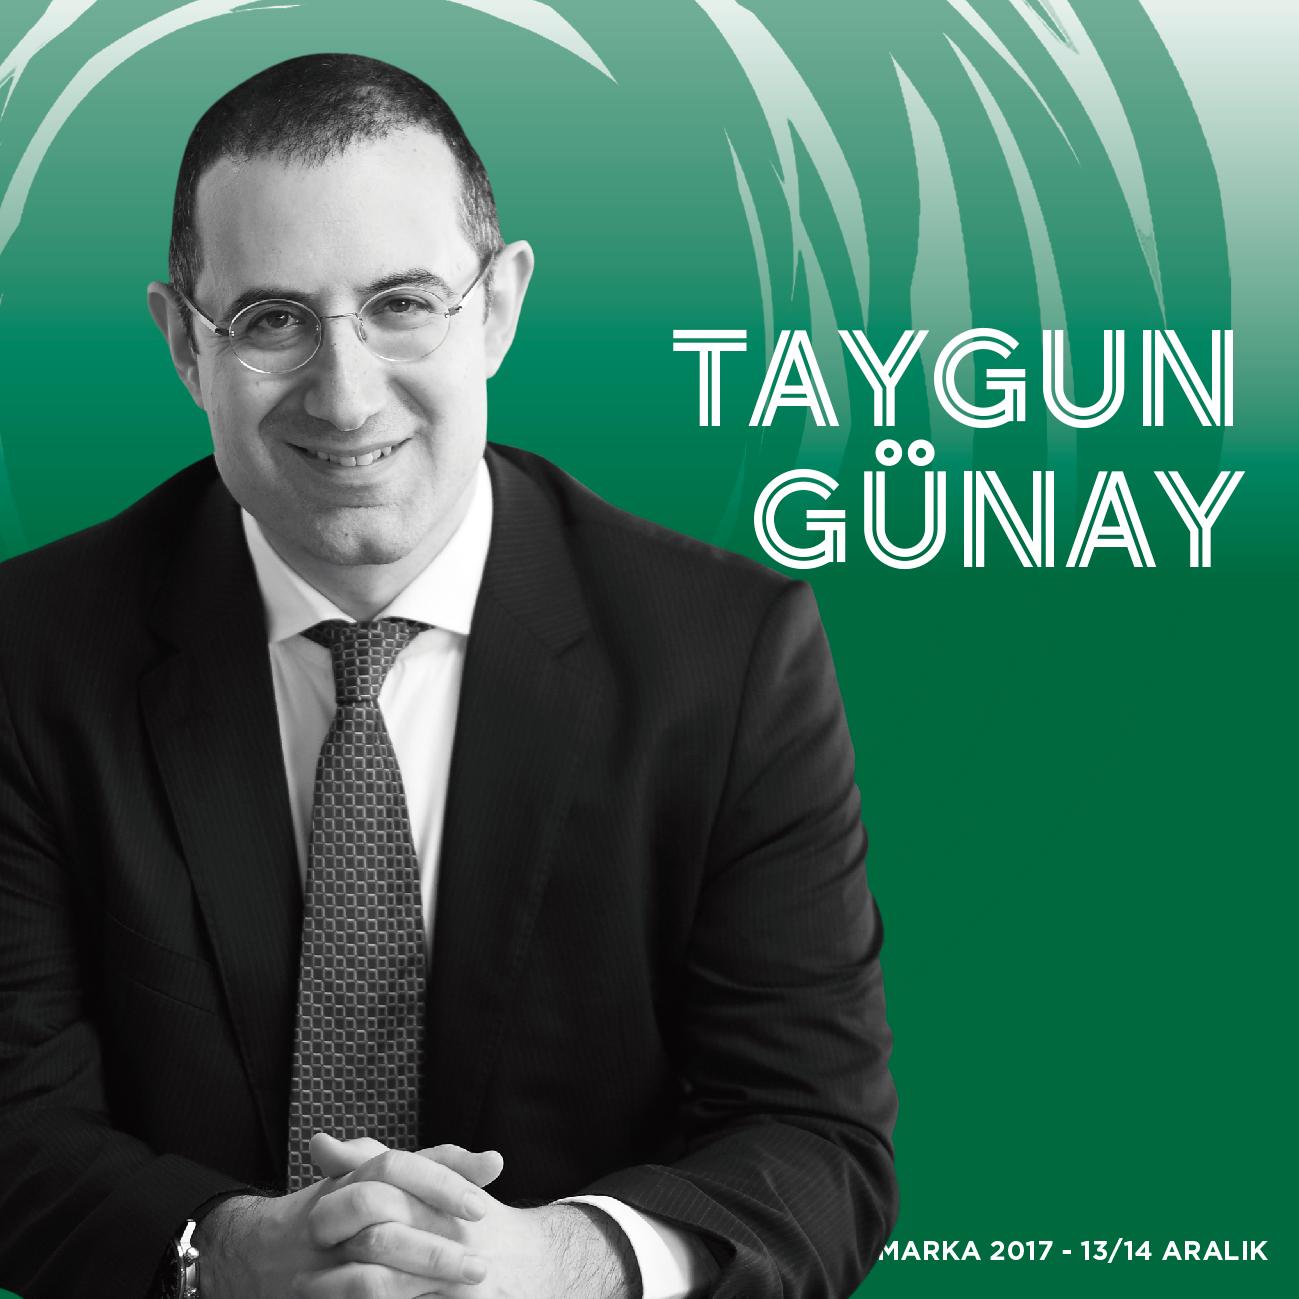 TAYGUN GUNAY